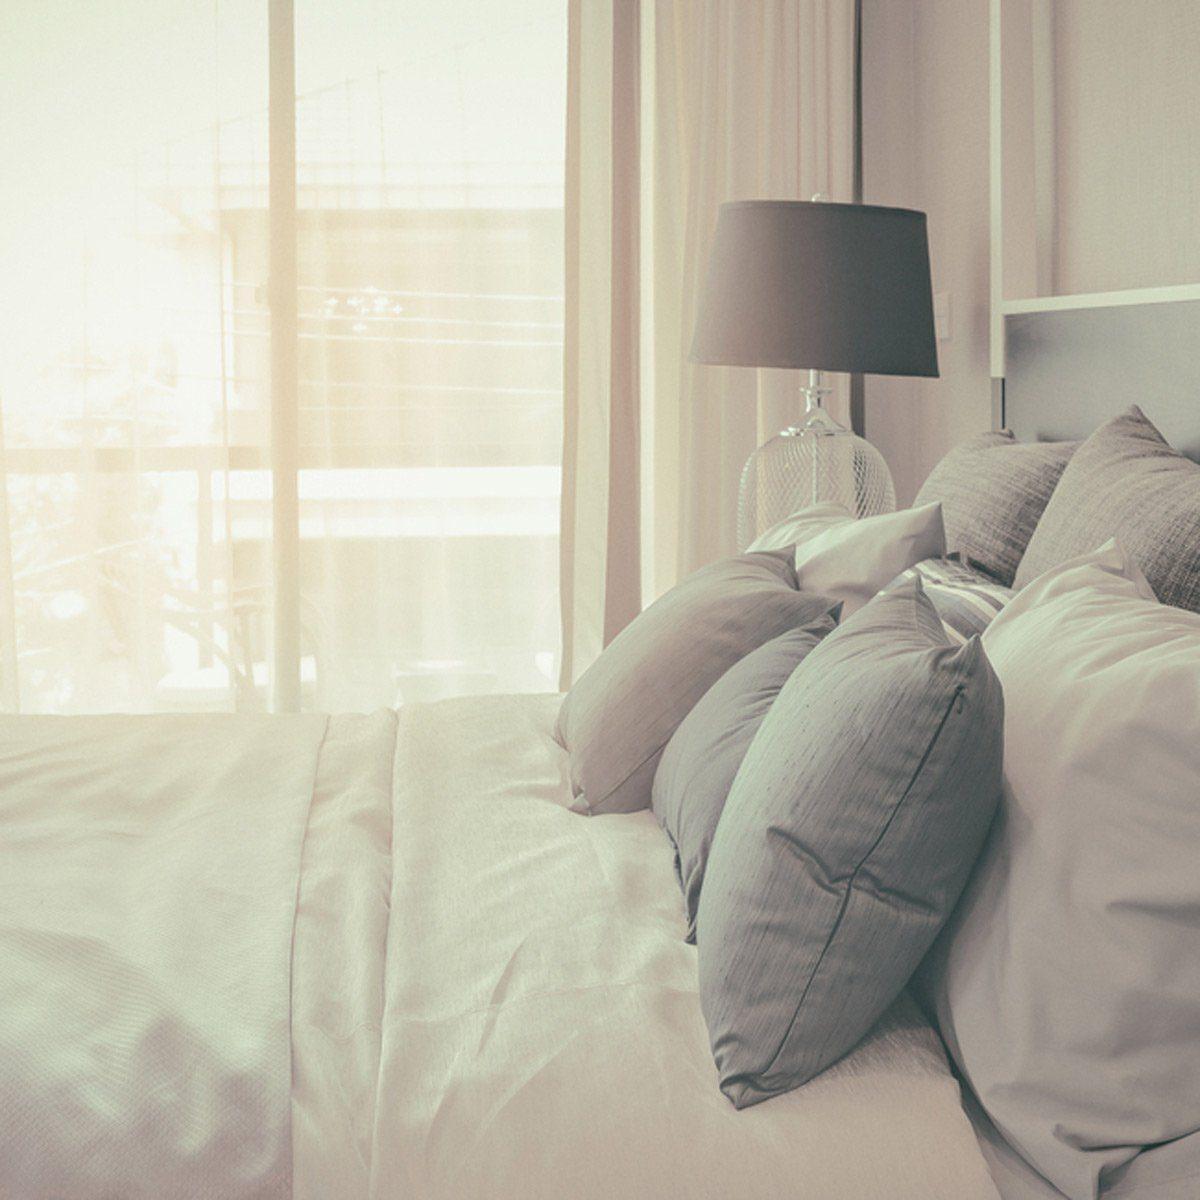 ۱۵ ایده آرامش بخش برای دکوراسیون اتاق خواب